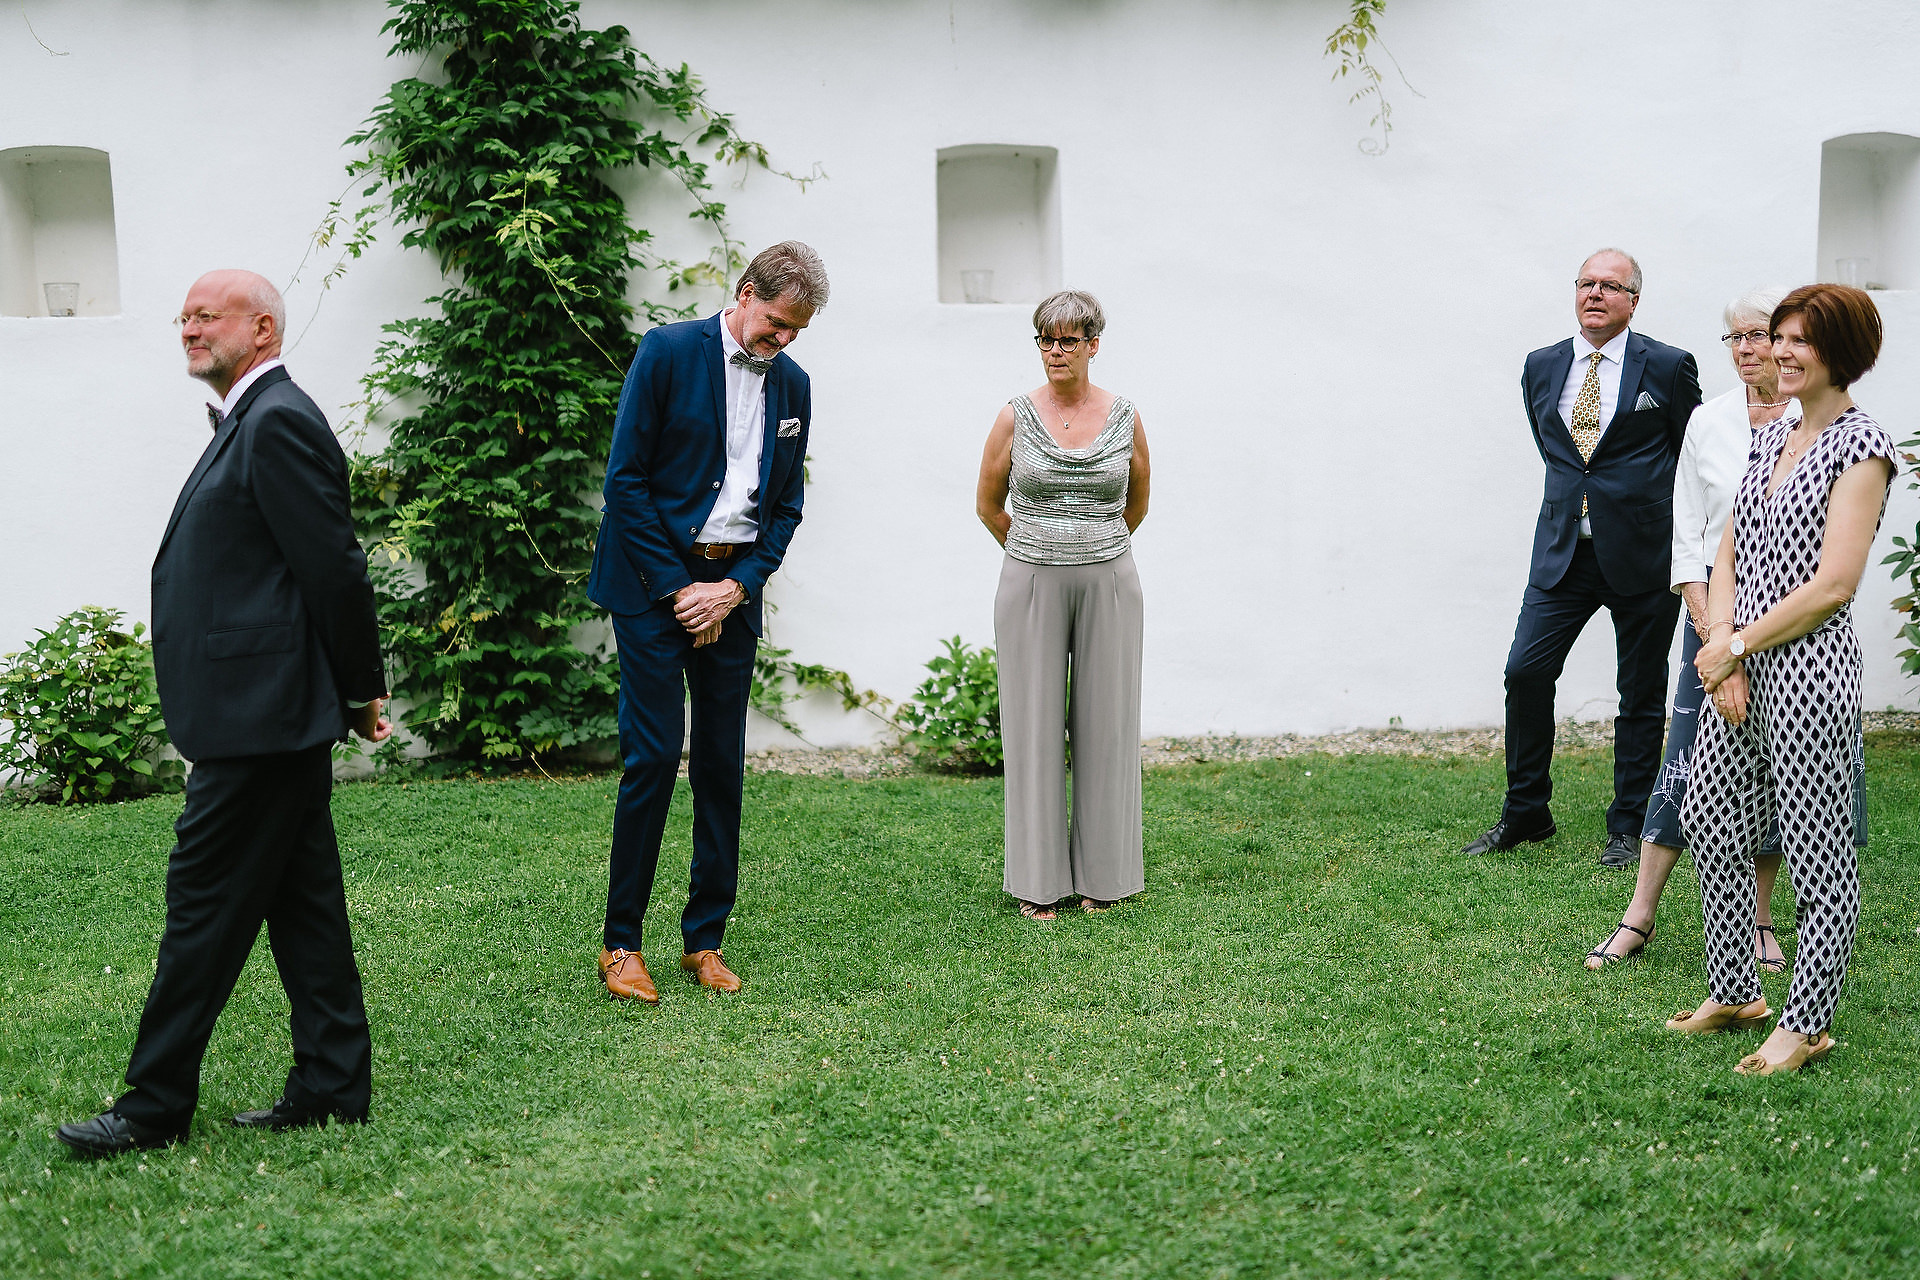 Fotograf Konstanz - Hochzeitsreportage Freiburg Hofgut Lilienhof Hochzeit Fotograf Konstanz 67 - Hochzeit in Freiburg und Hofgut Lilienhof  - 57 -